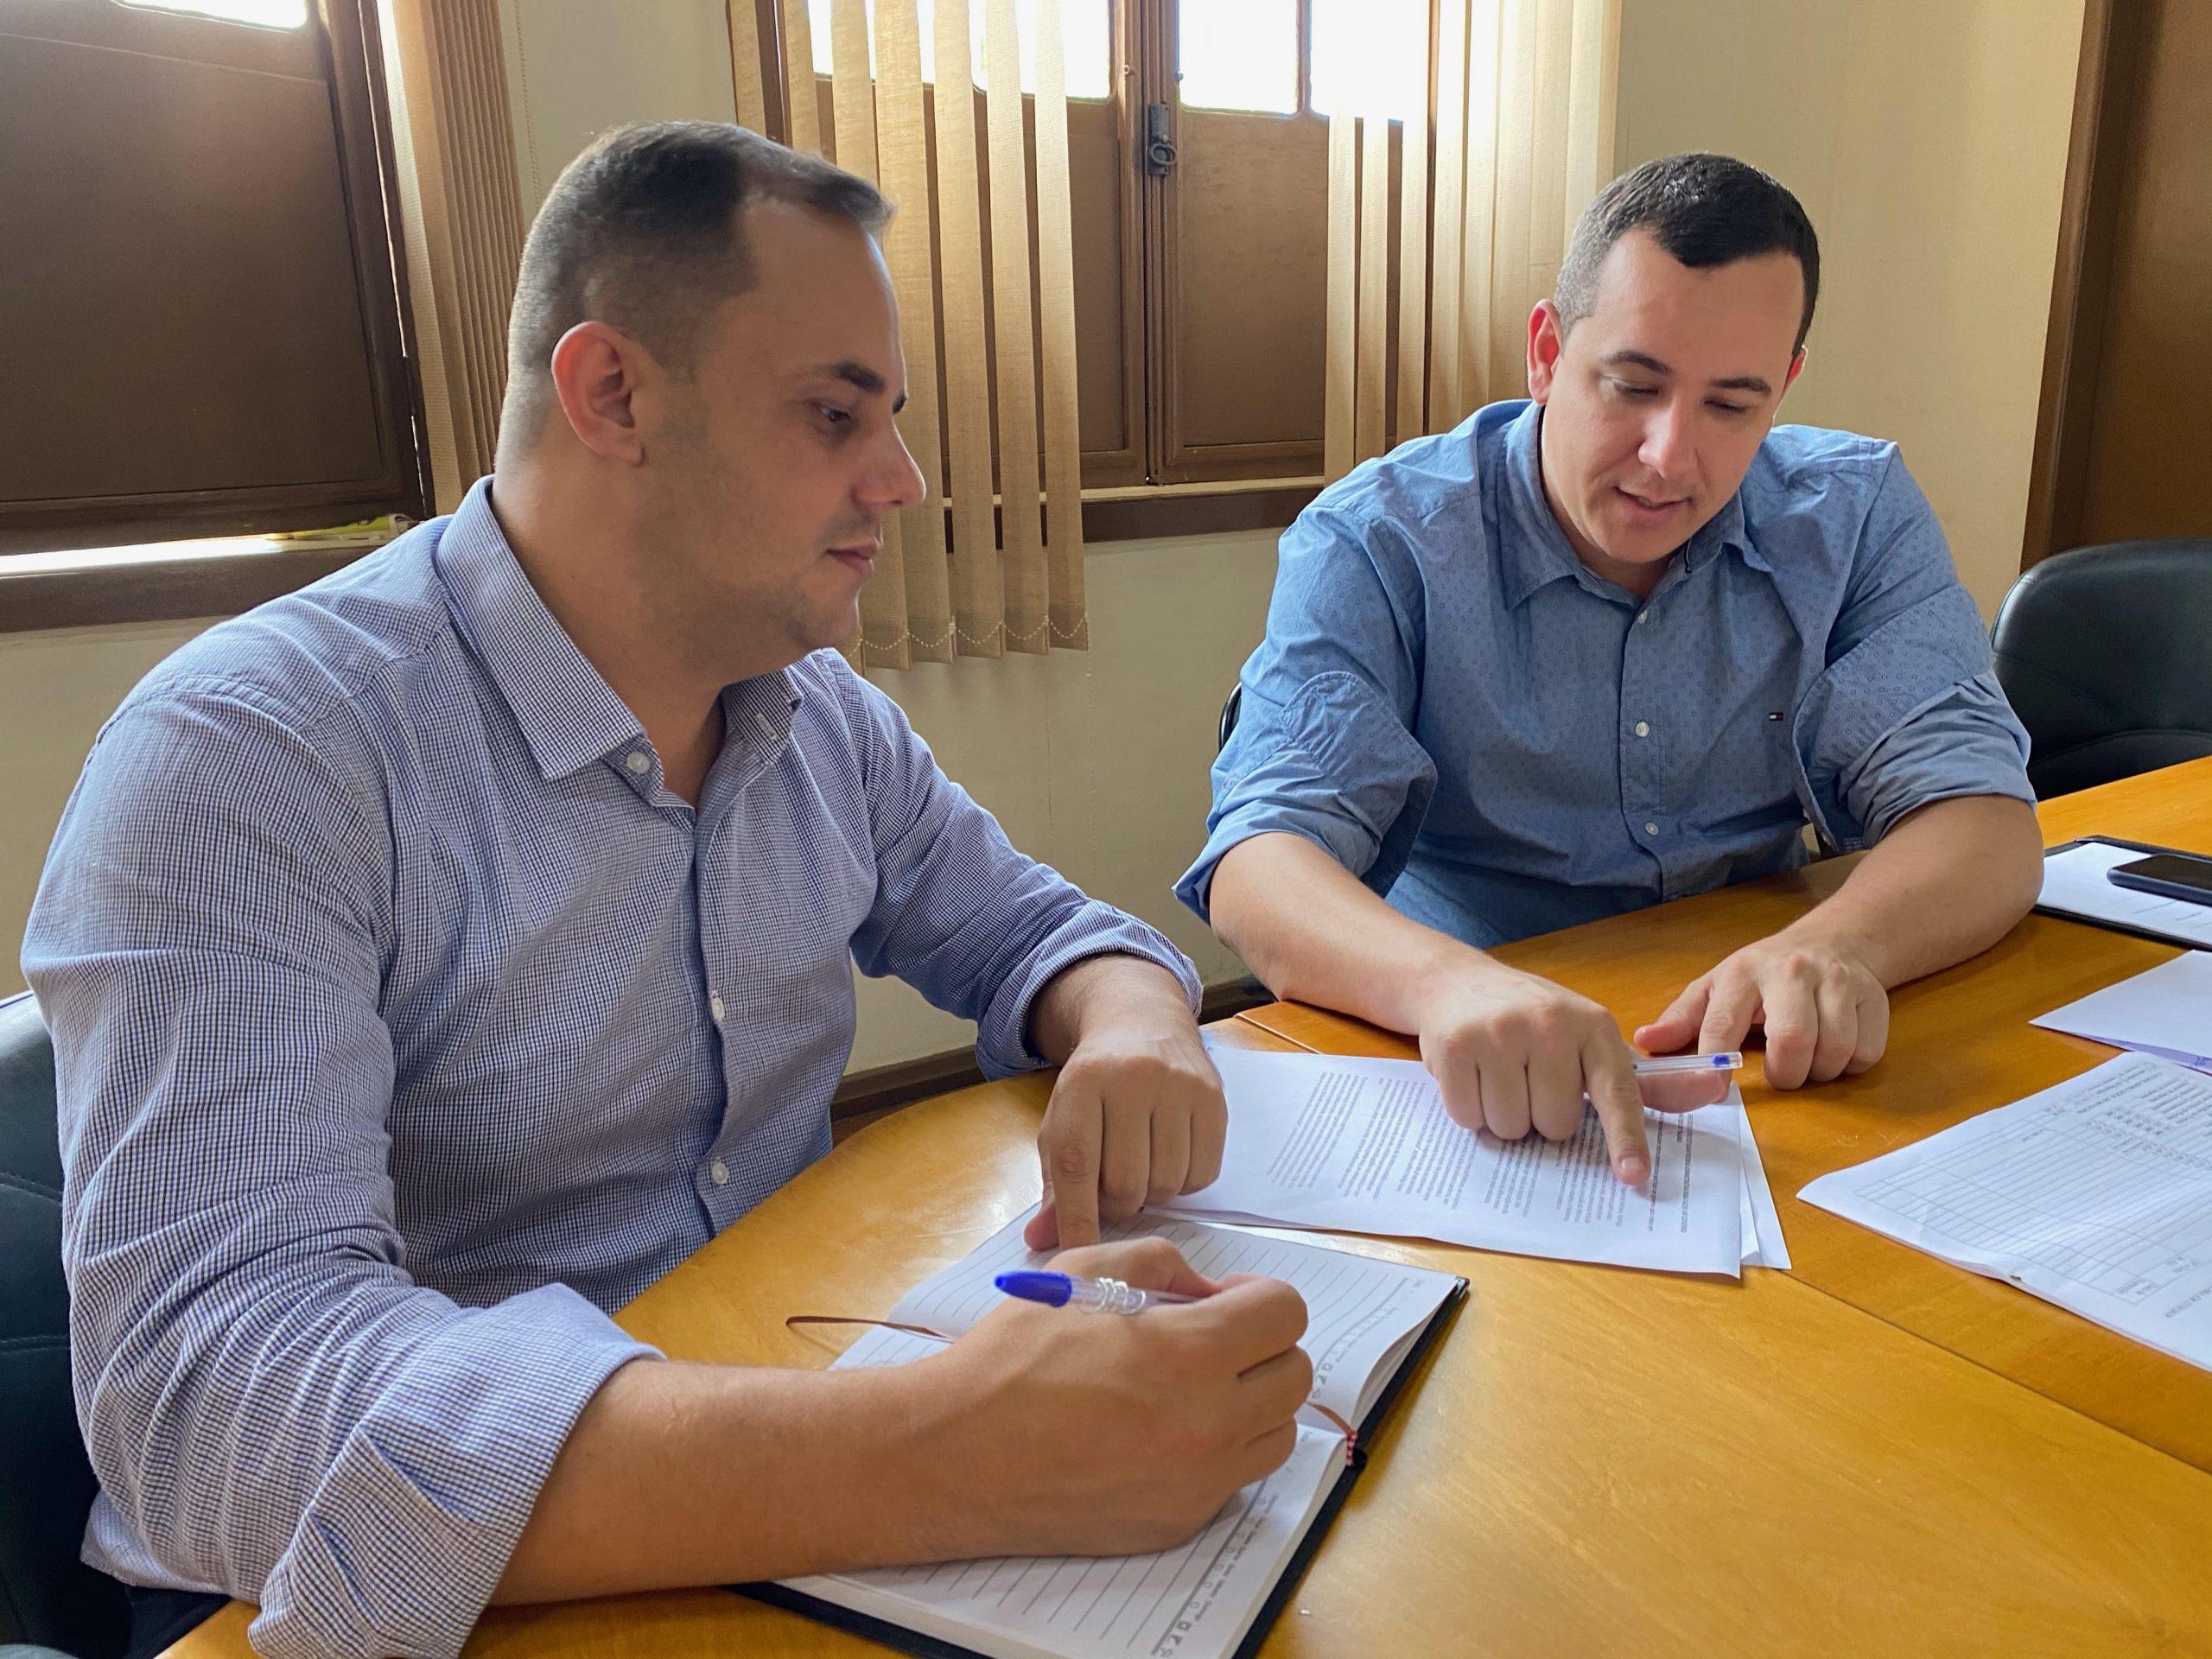 Prefeito de Trajano Rodrigo Viana e vice Matias Mendes estudam reestruturação administrativa em Trajano